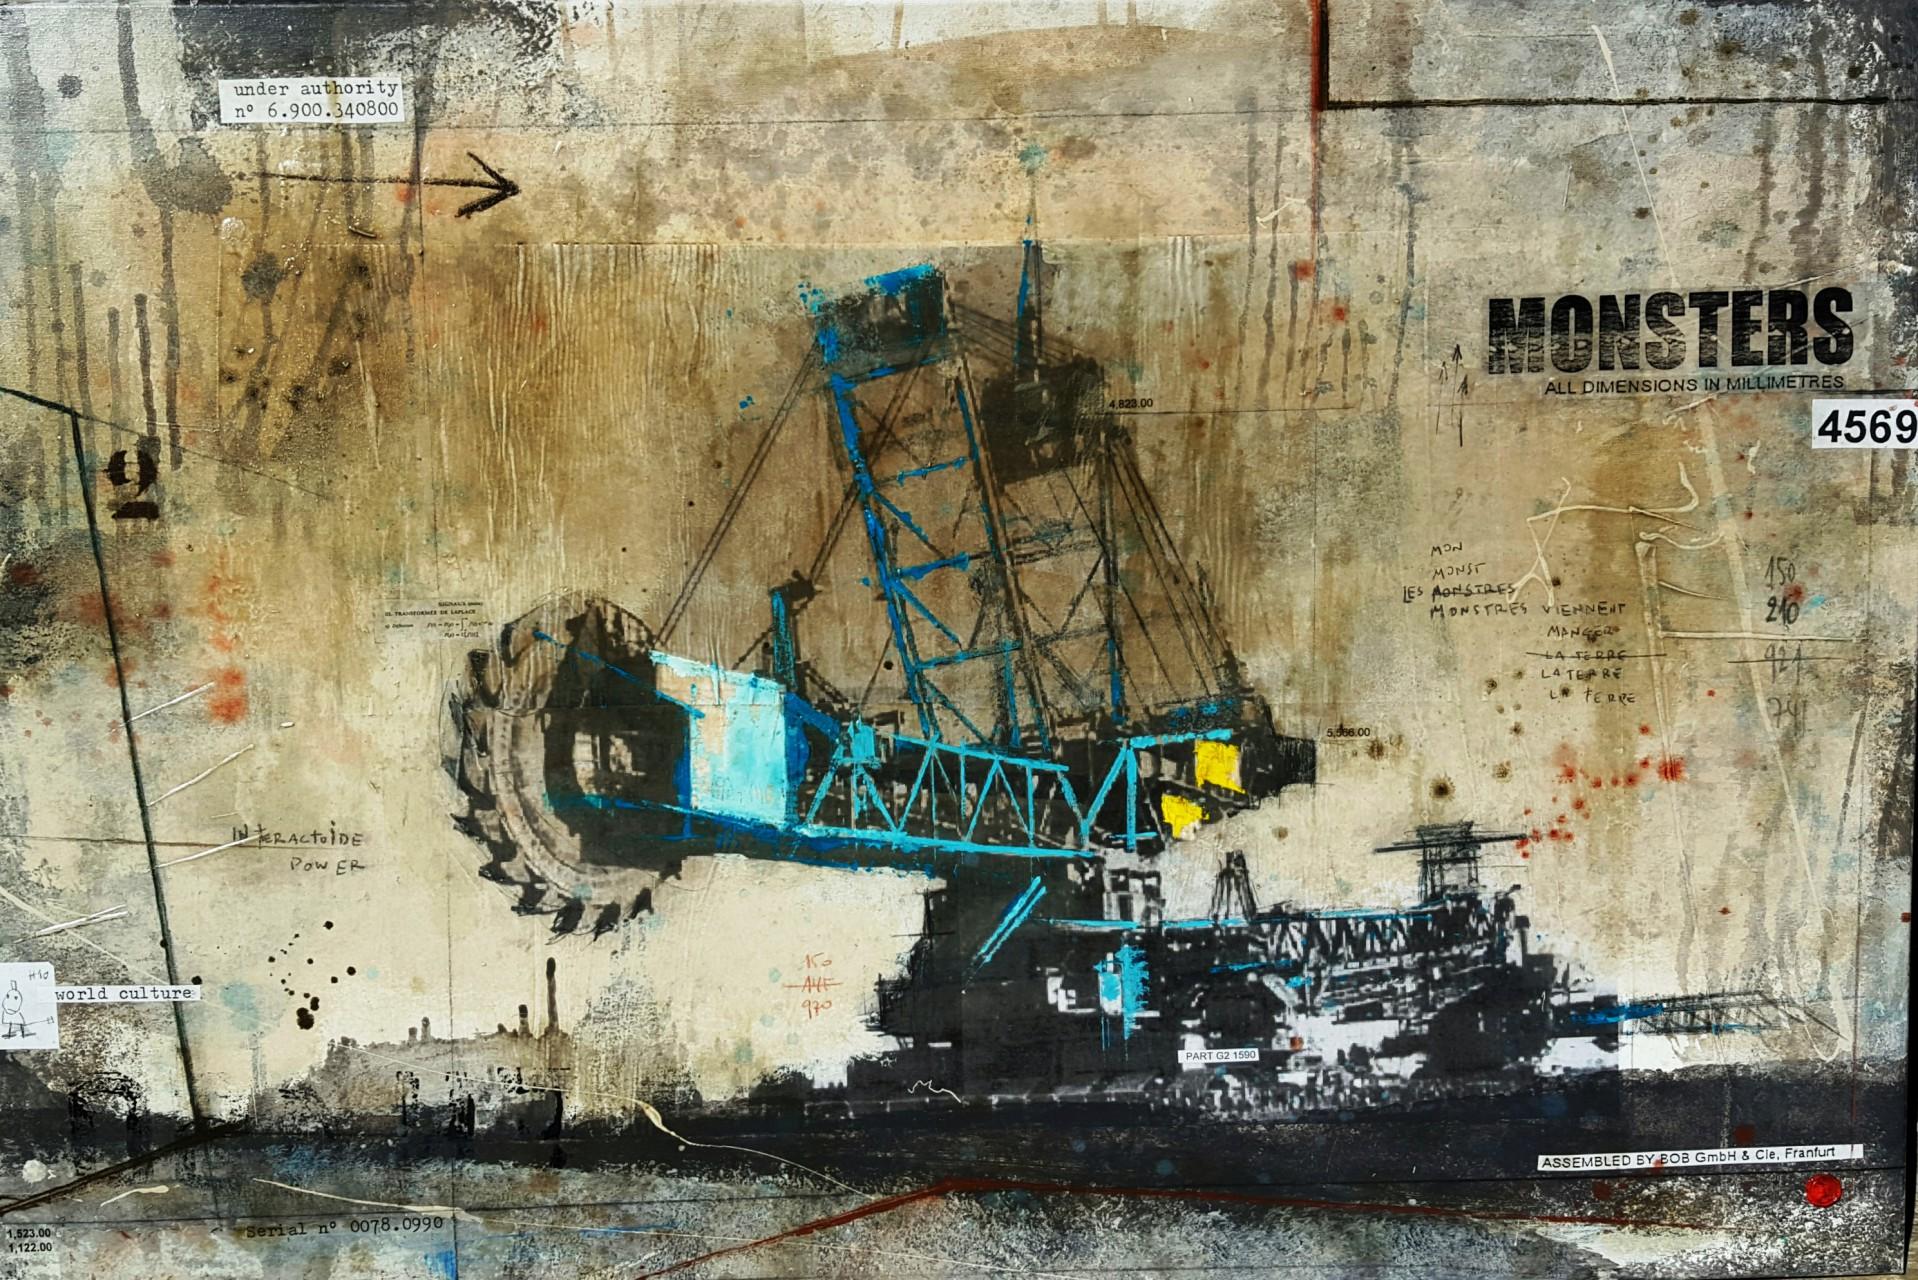 Monsters - collage photo, huile, acrylique sur toile - 80 x 120 cm - 2015